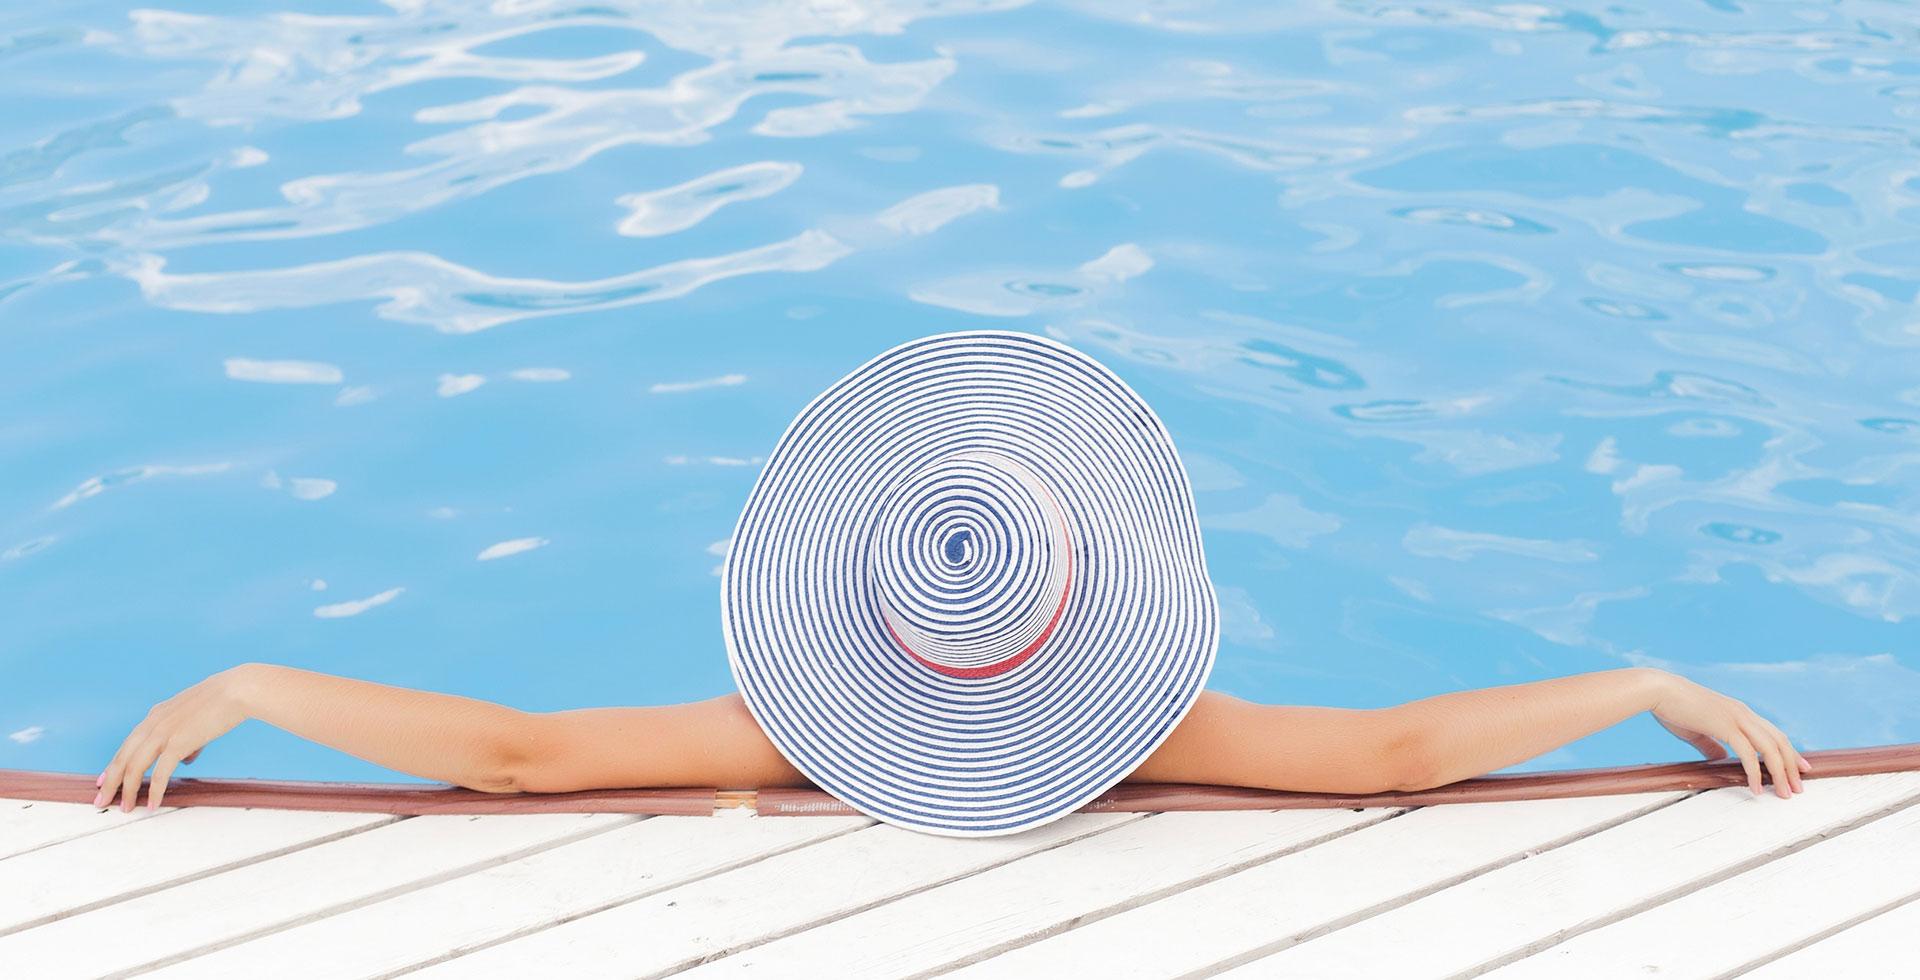 Remise En Service De La Piscine, Mode D'emploi - Lamatec intérieur Filtre A Sable Piscine Mode D Emploi